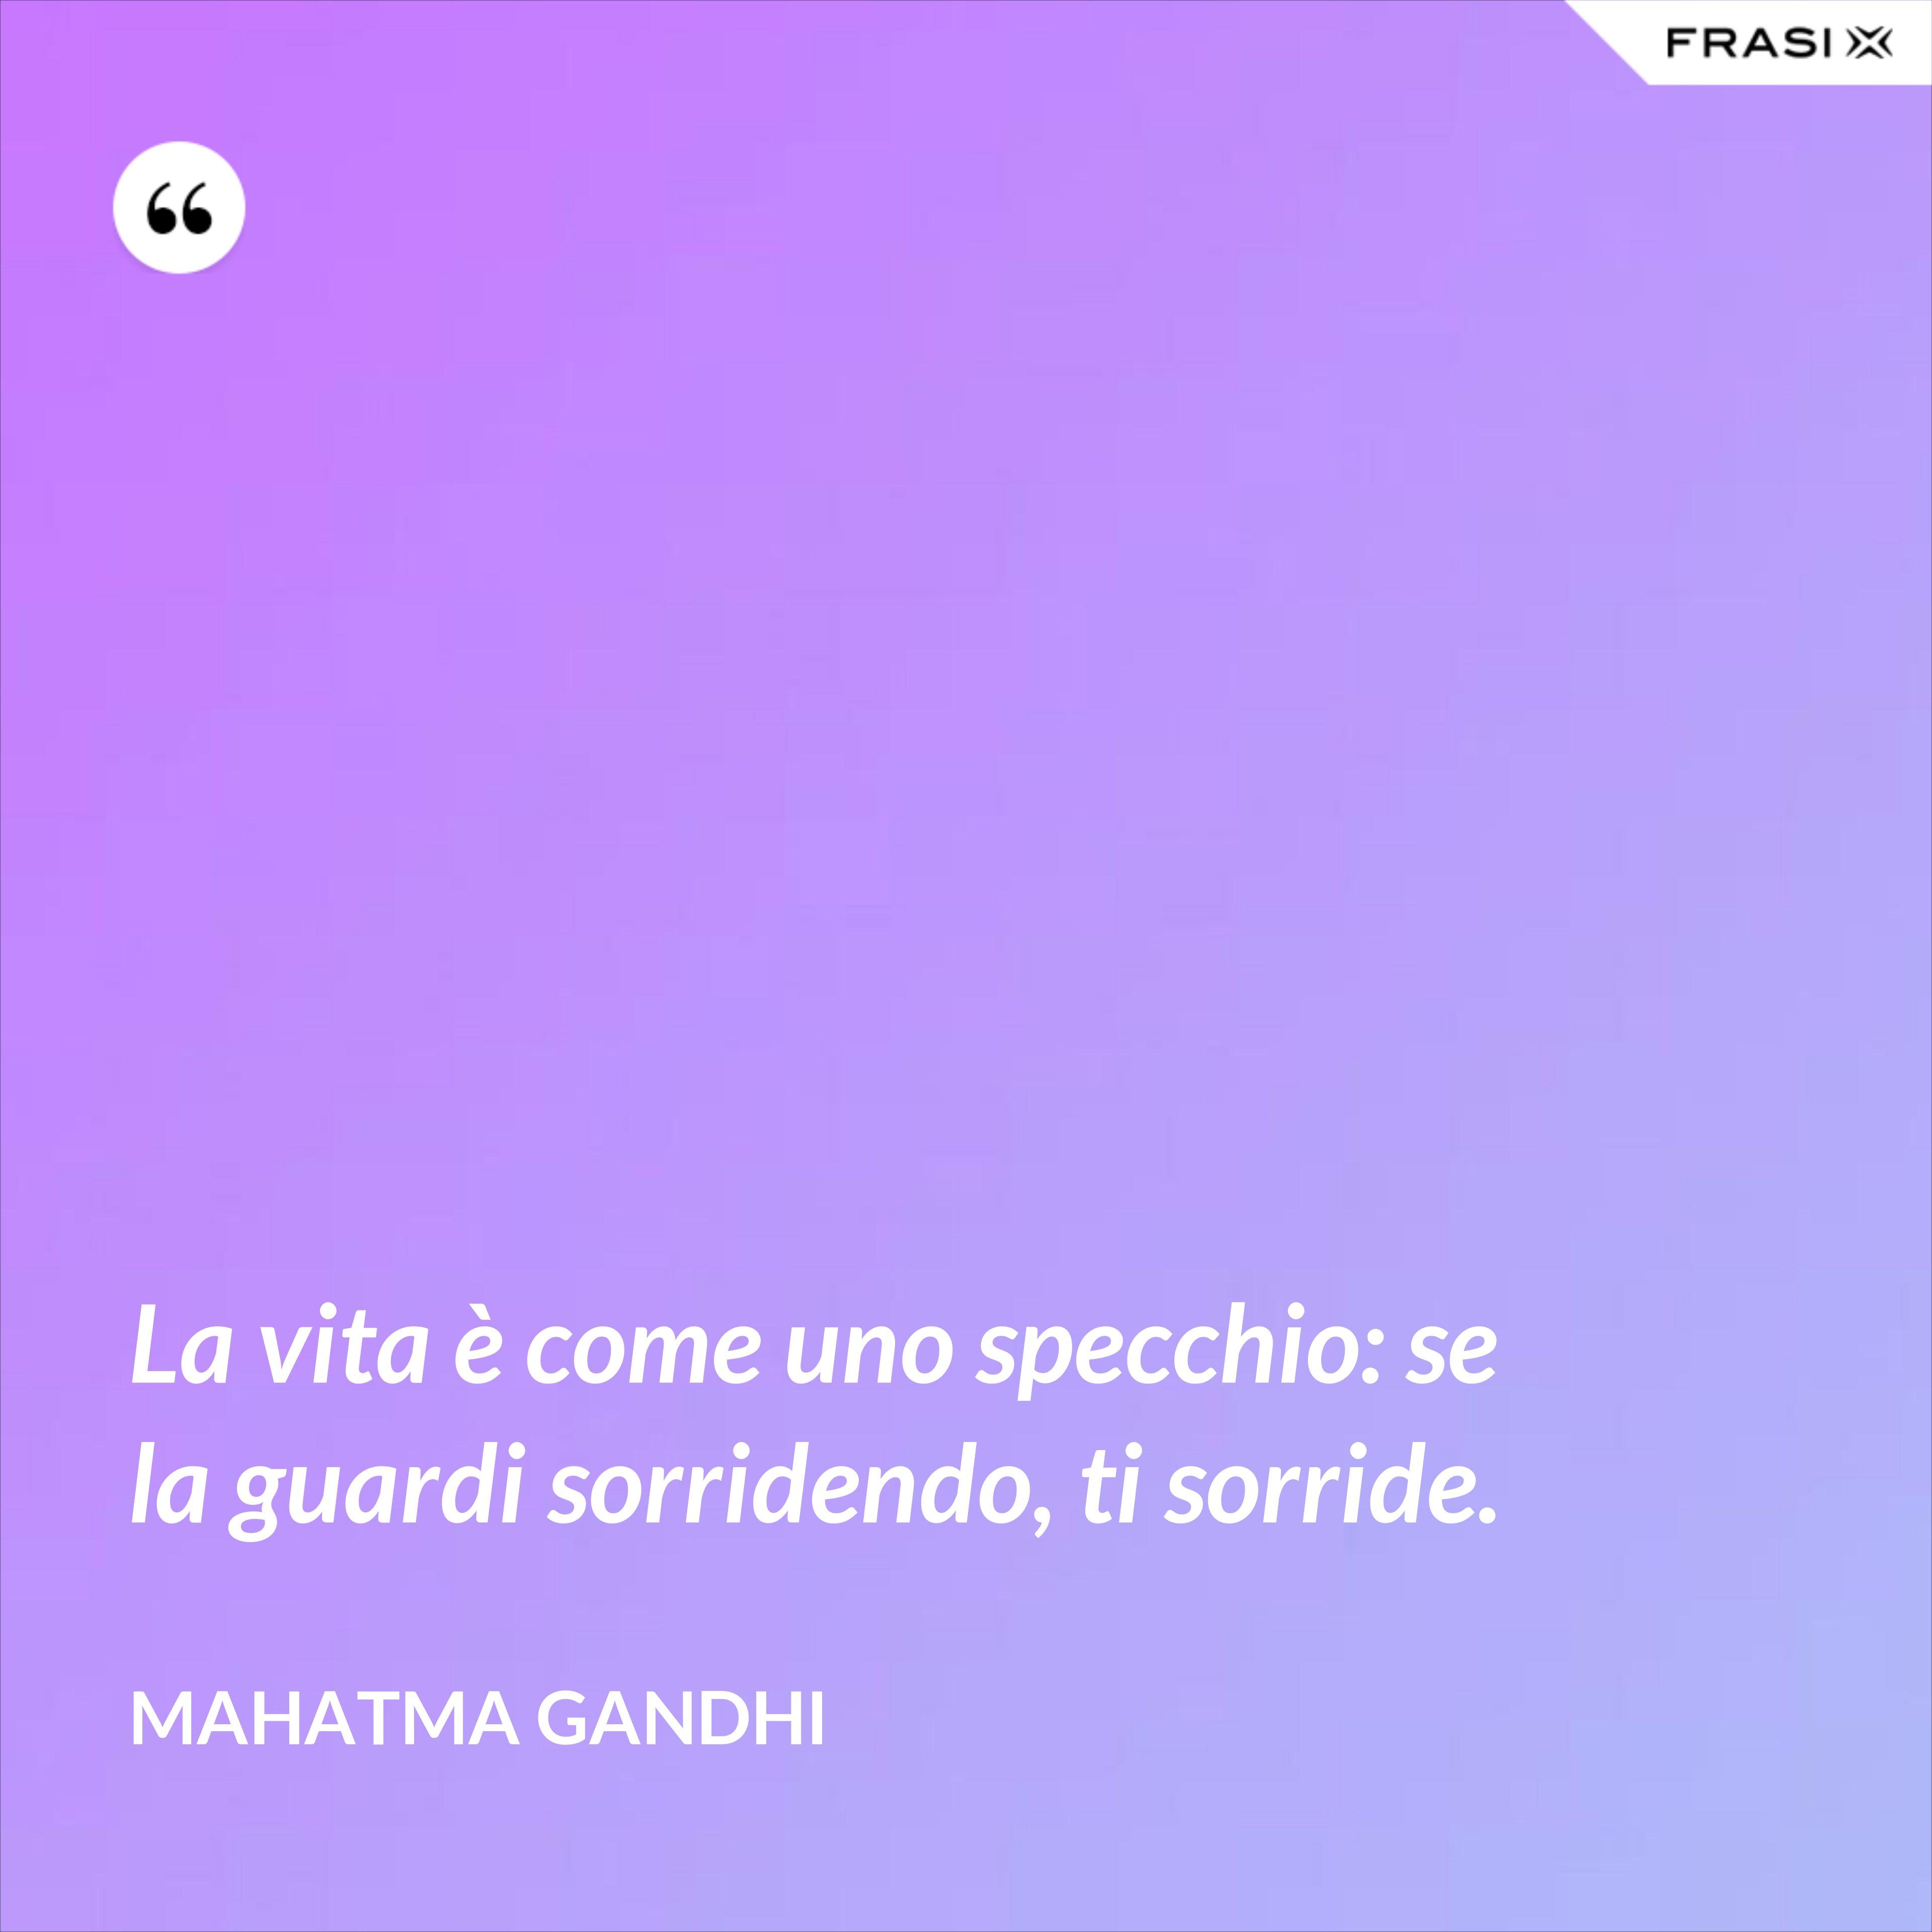 La vita è come uno specchio: se la guardi sorridendo, ti sorride. - Mahatma Gandhi